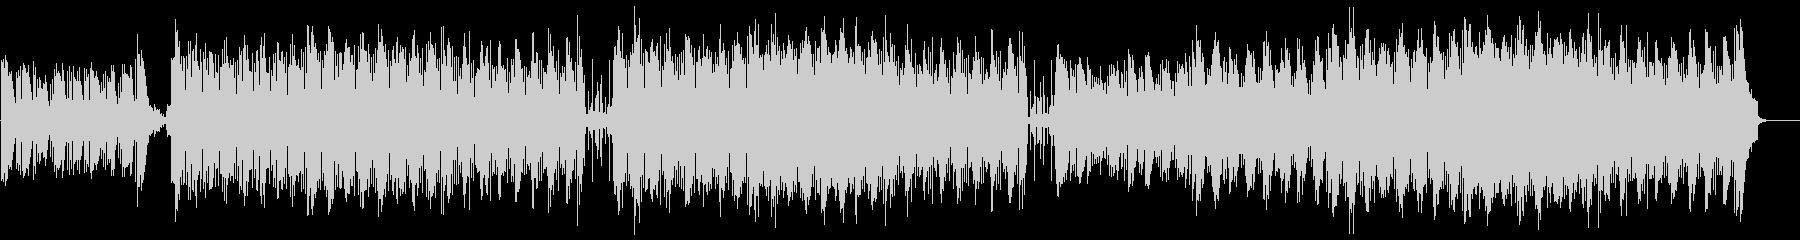 ピアノメインの切ない曲の未再生の波形